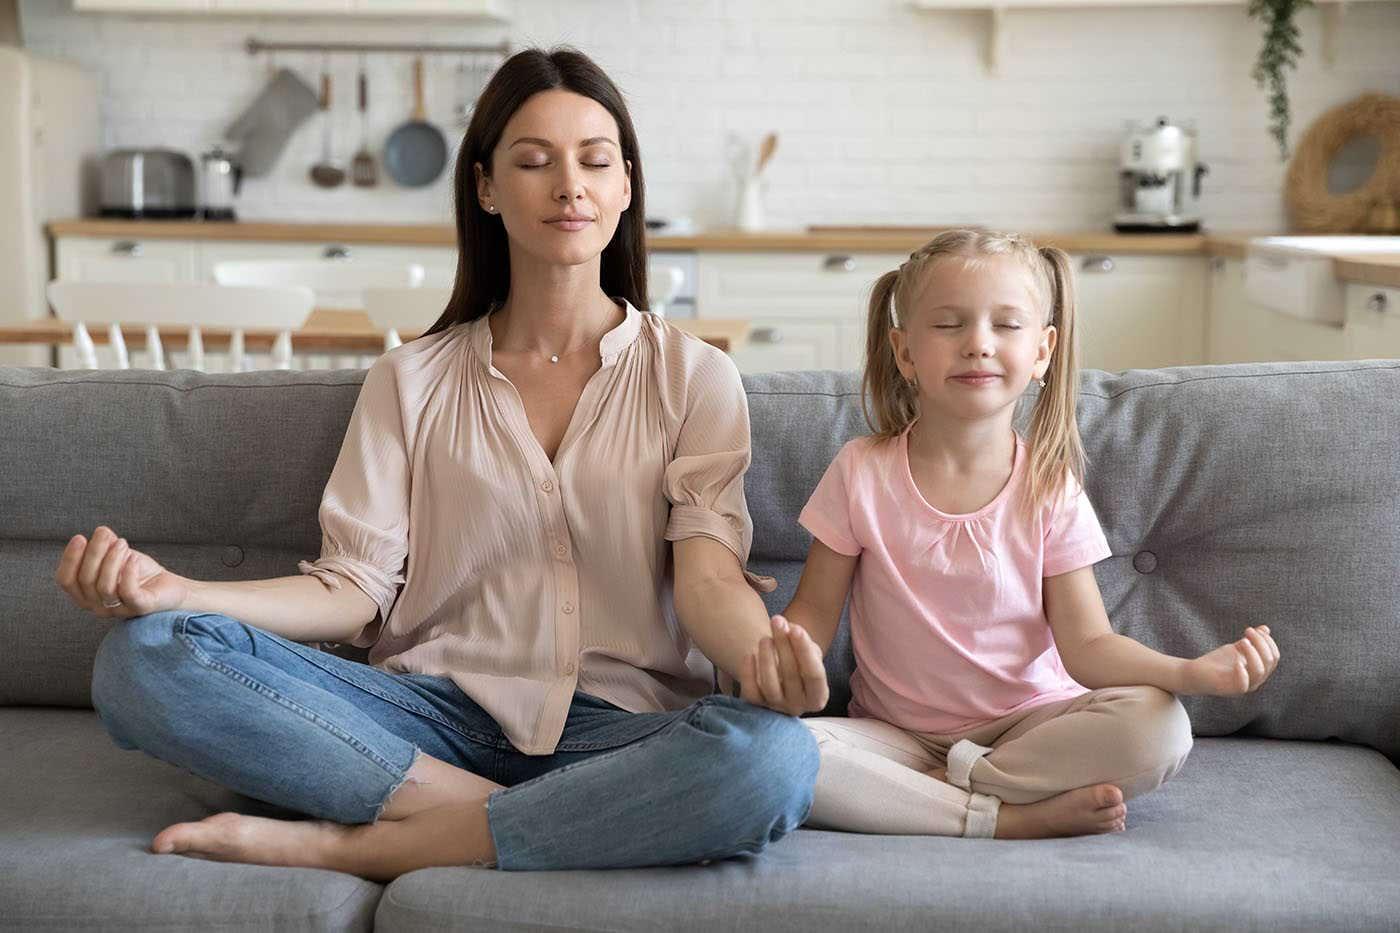 Cursurile de mindfulness ajută copiii să fie mai rezistenți emoțional